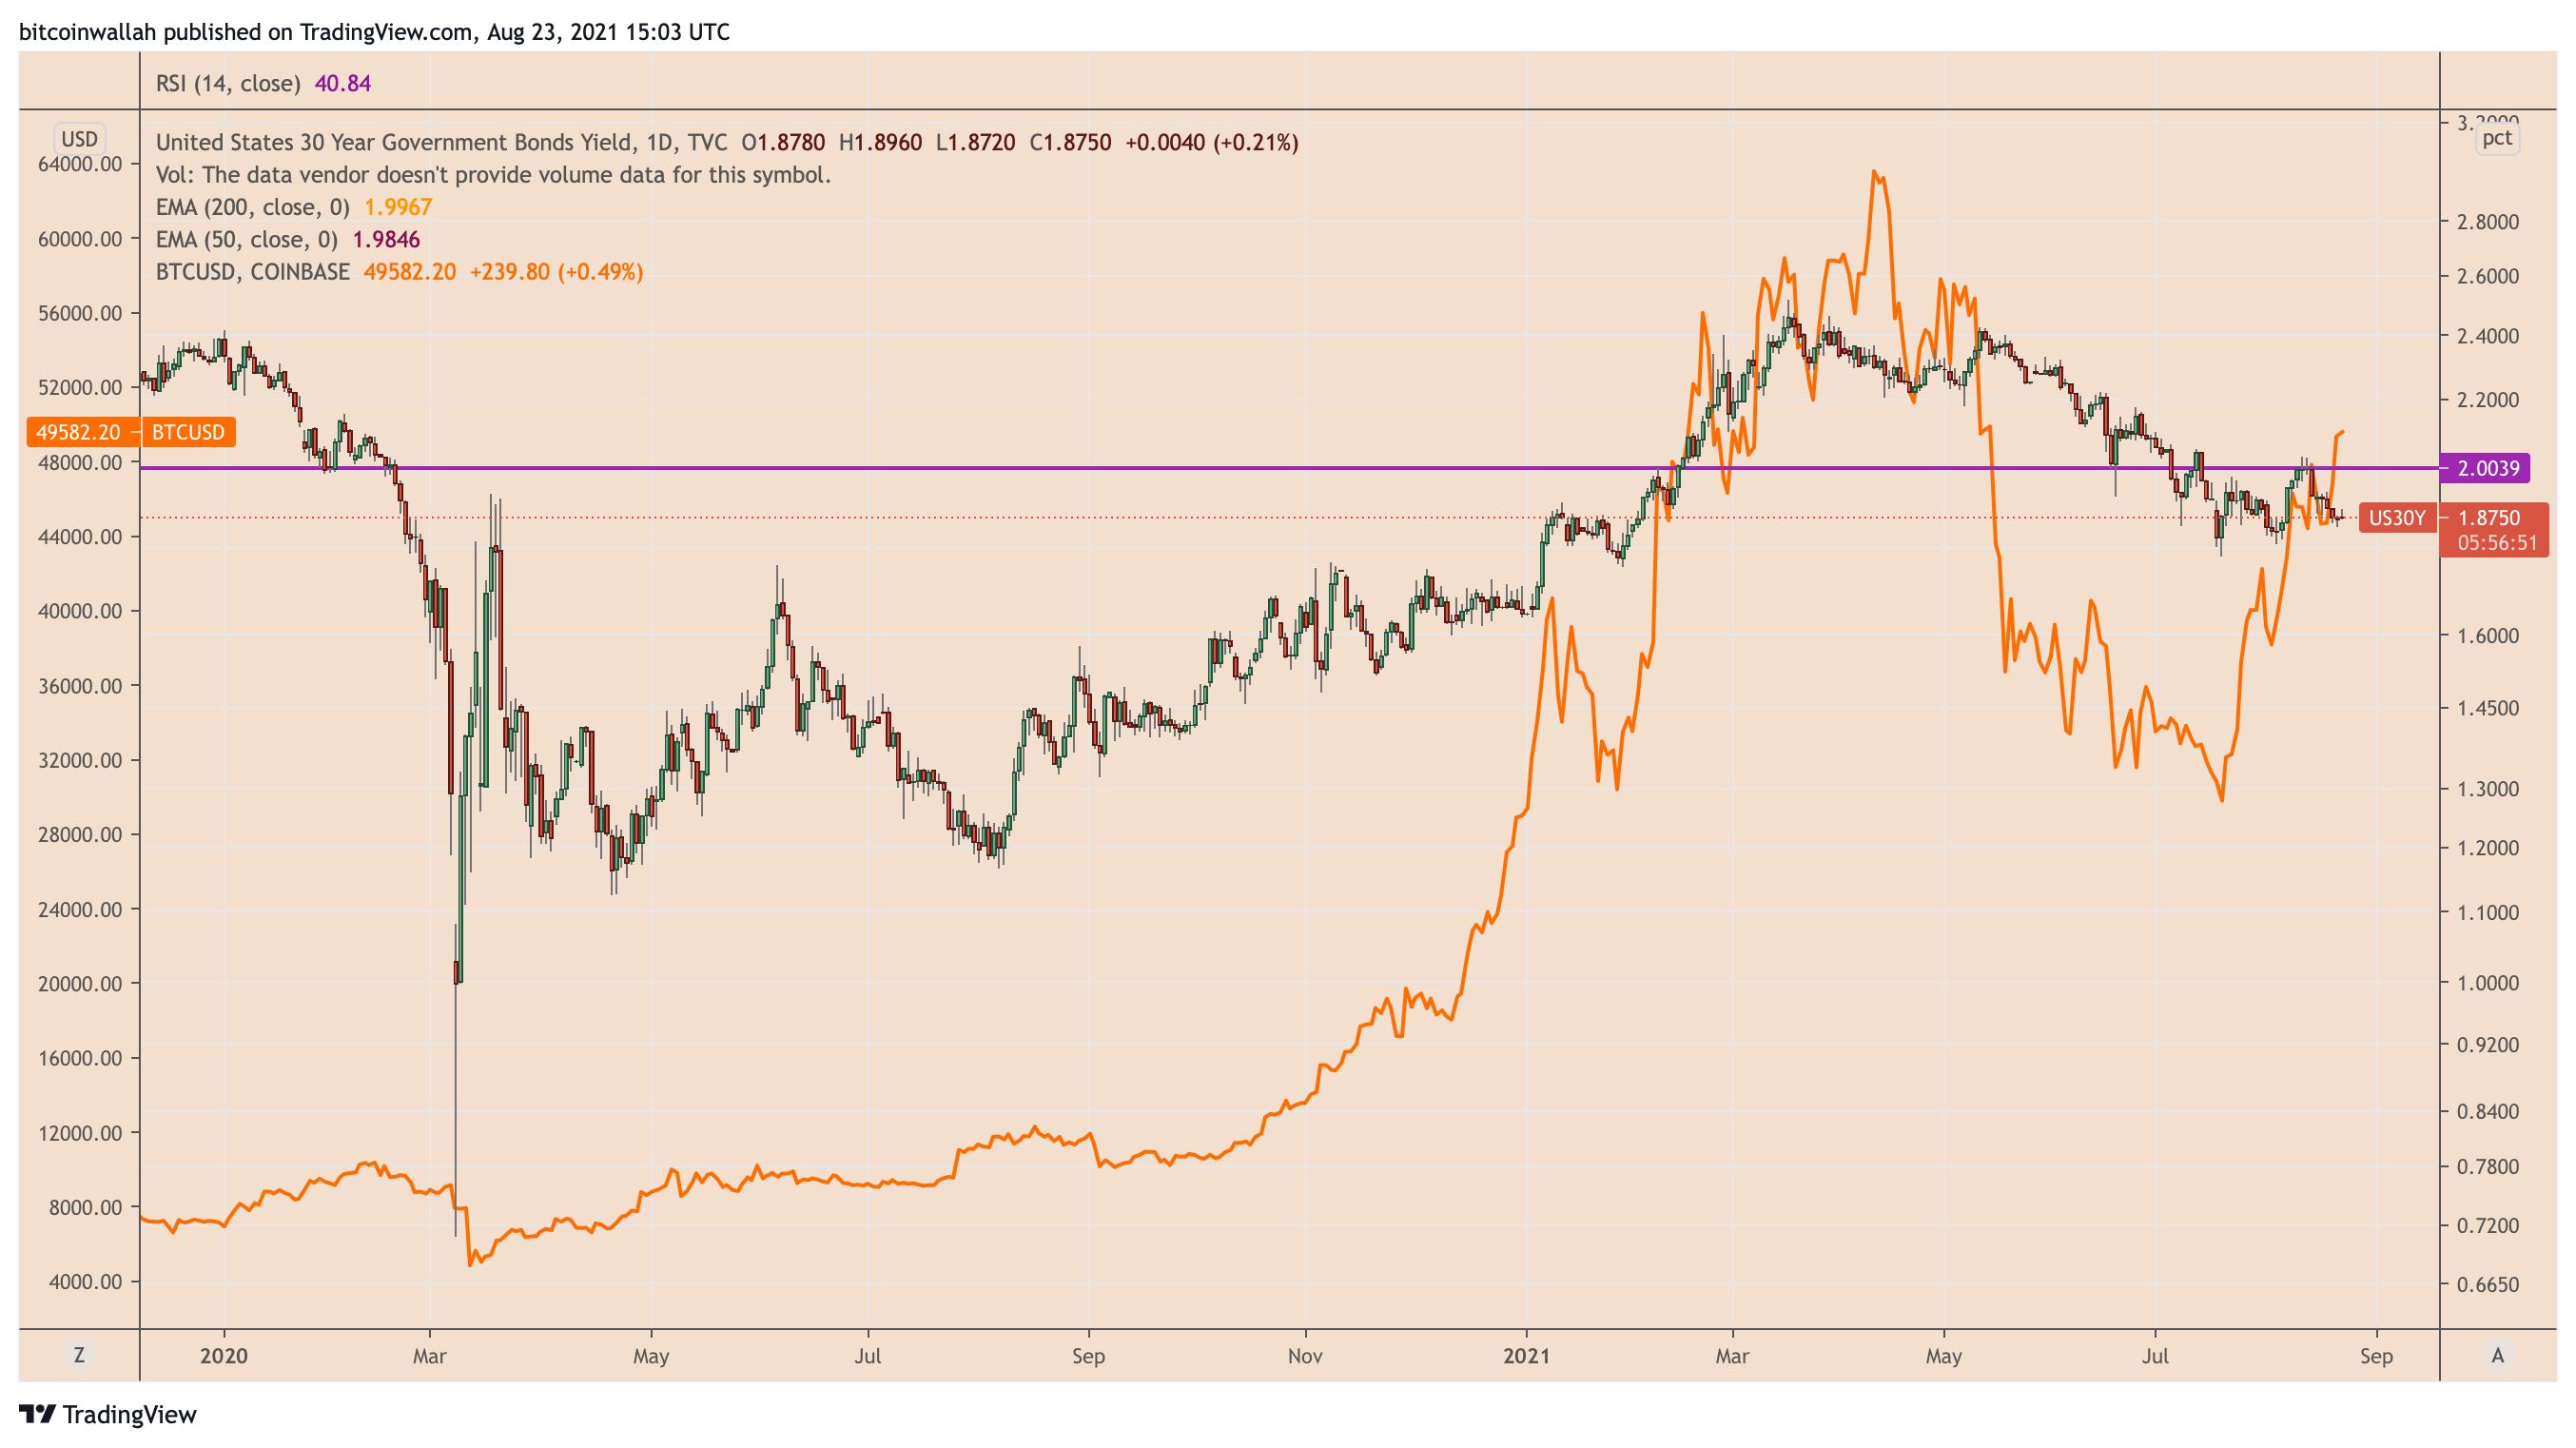 Rendimenti dei Treasury USA a 30 anni vs. prezzo di Bitcoin